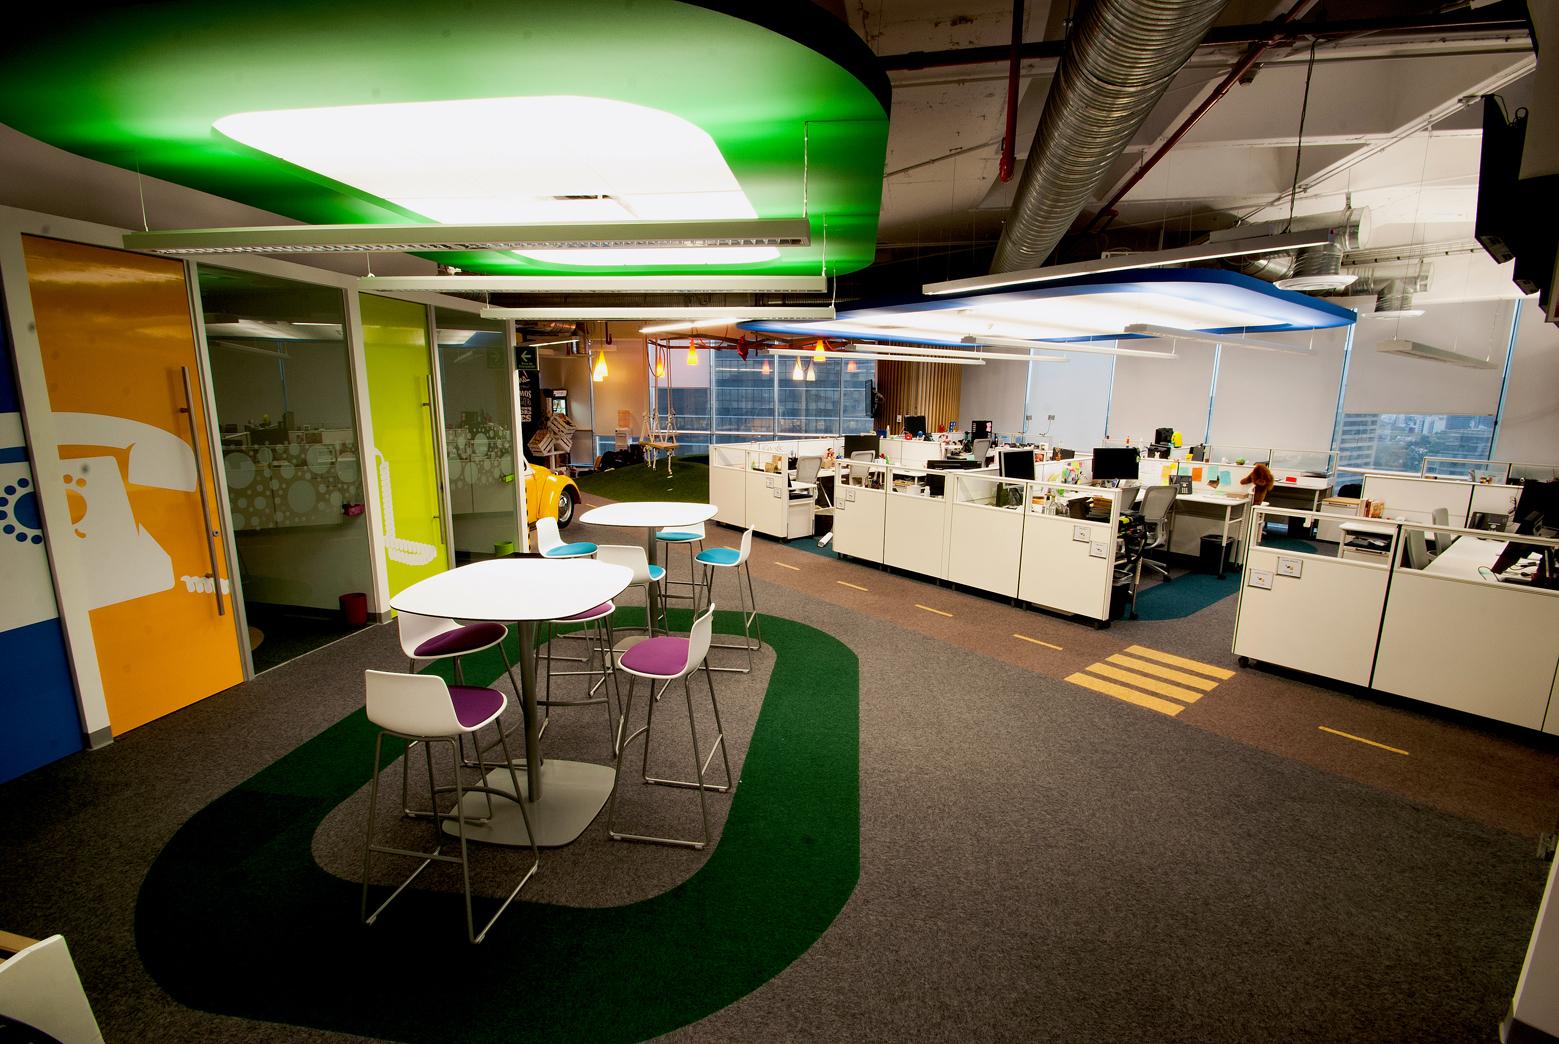 Oficina Google Mexico – Fotografía Eric Velazquez Torres